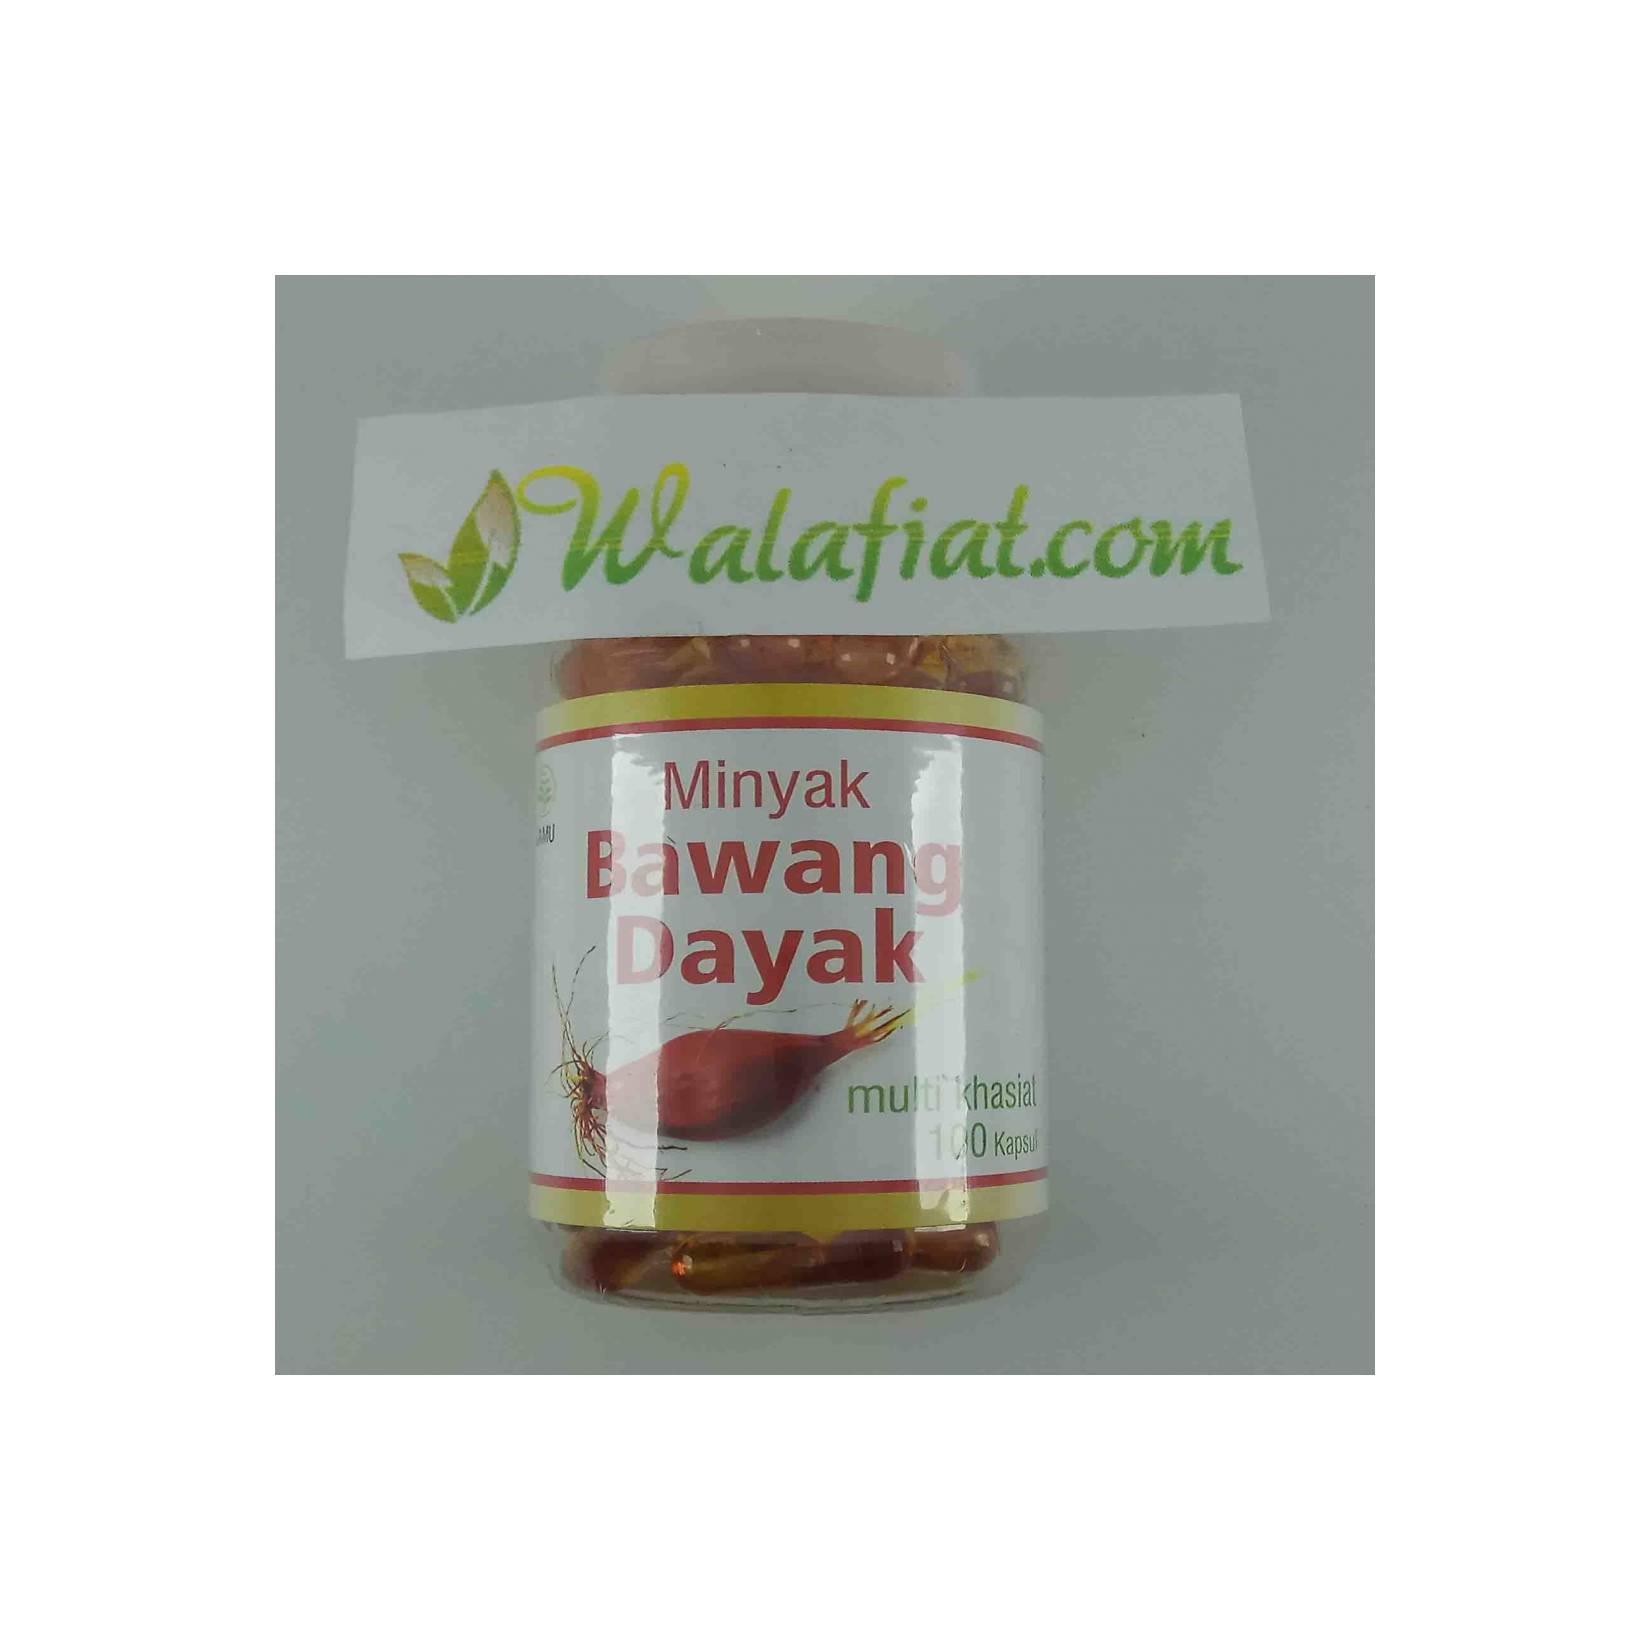 Harga Jual Minyak Penumbuh Rambut Cap Dayak 30000 World Asli Bu Lu Perin Du Natural Dan Kapsul Bawang Berlian